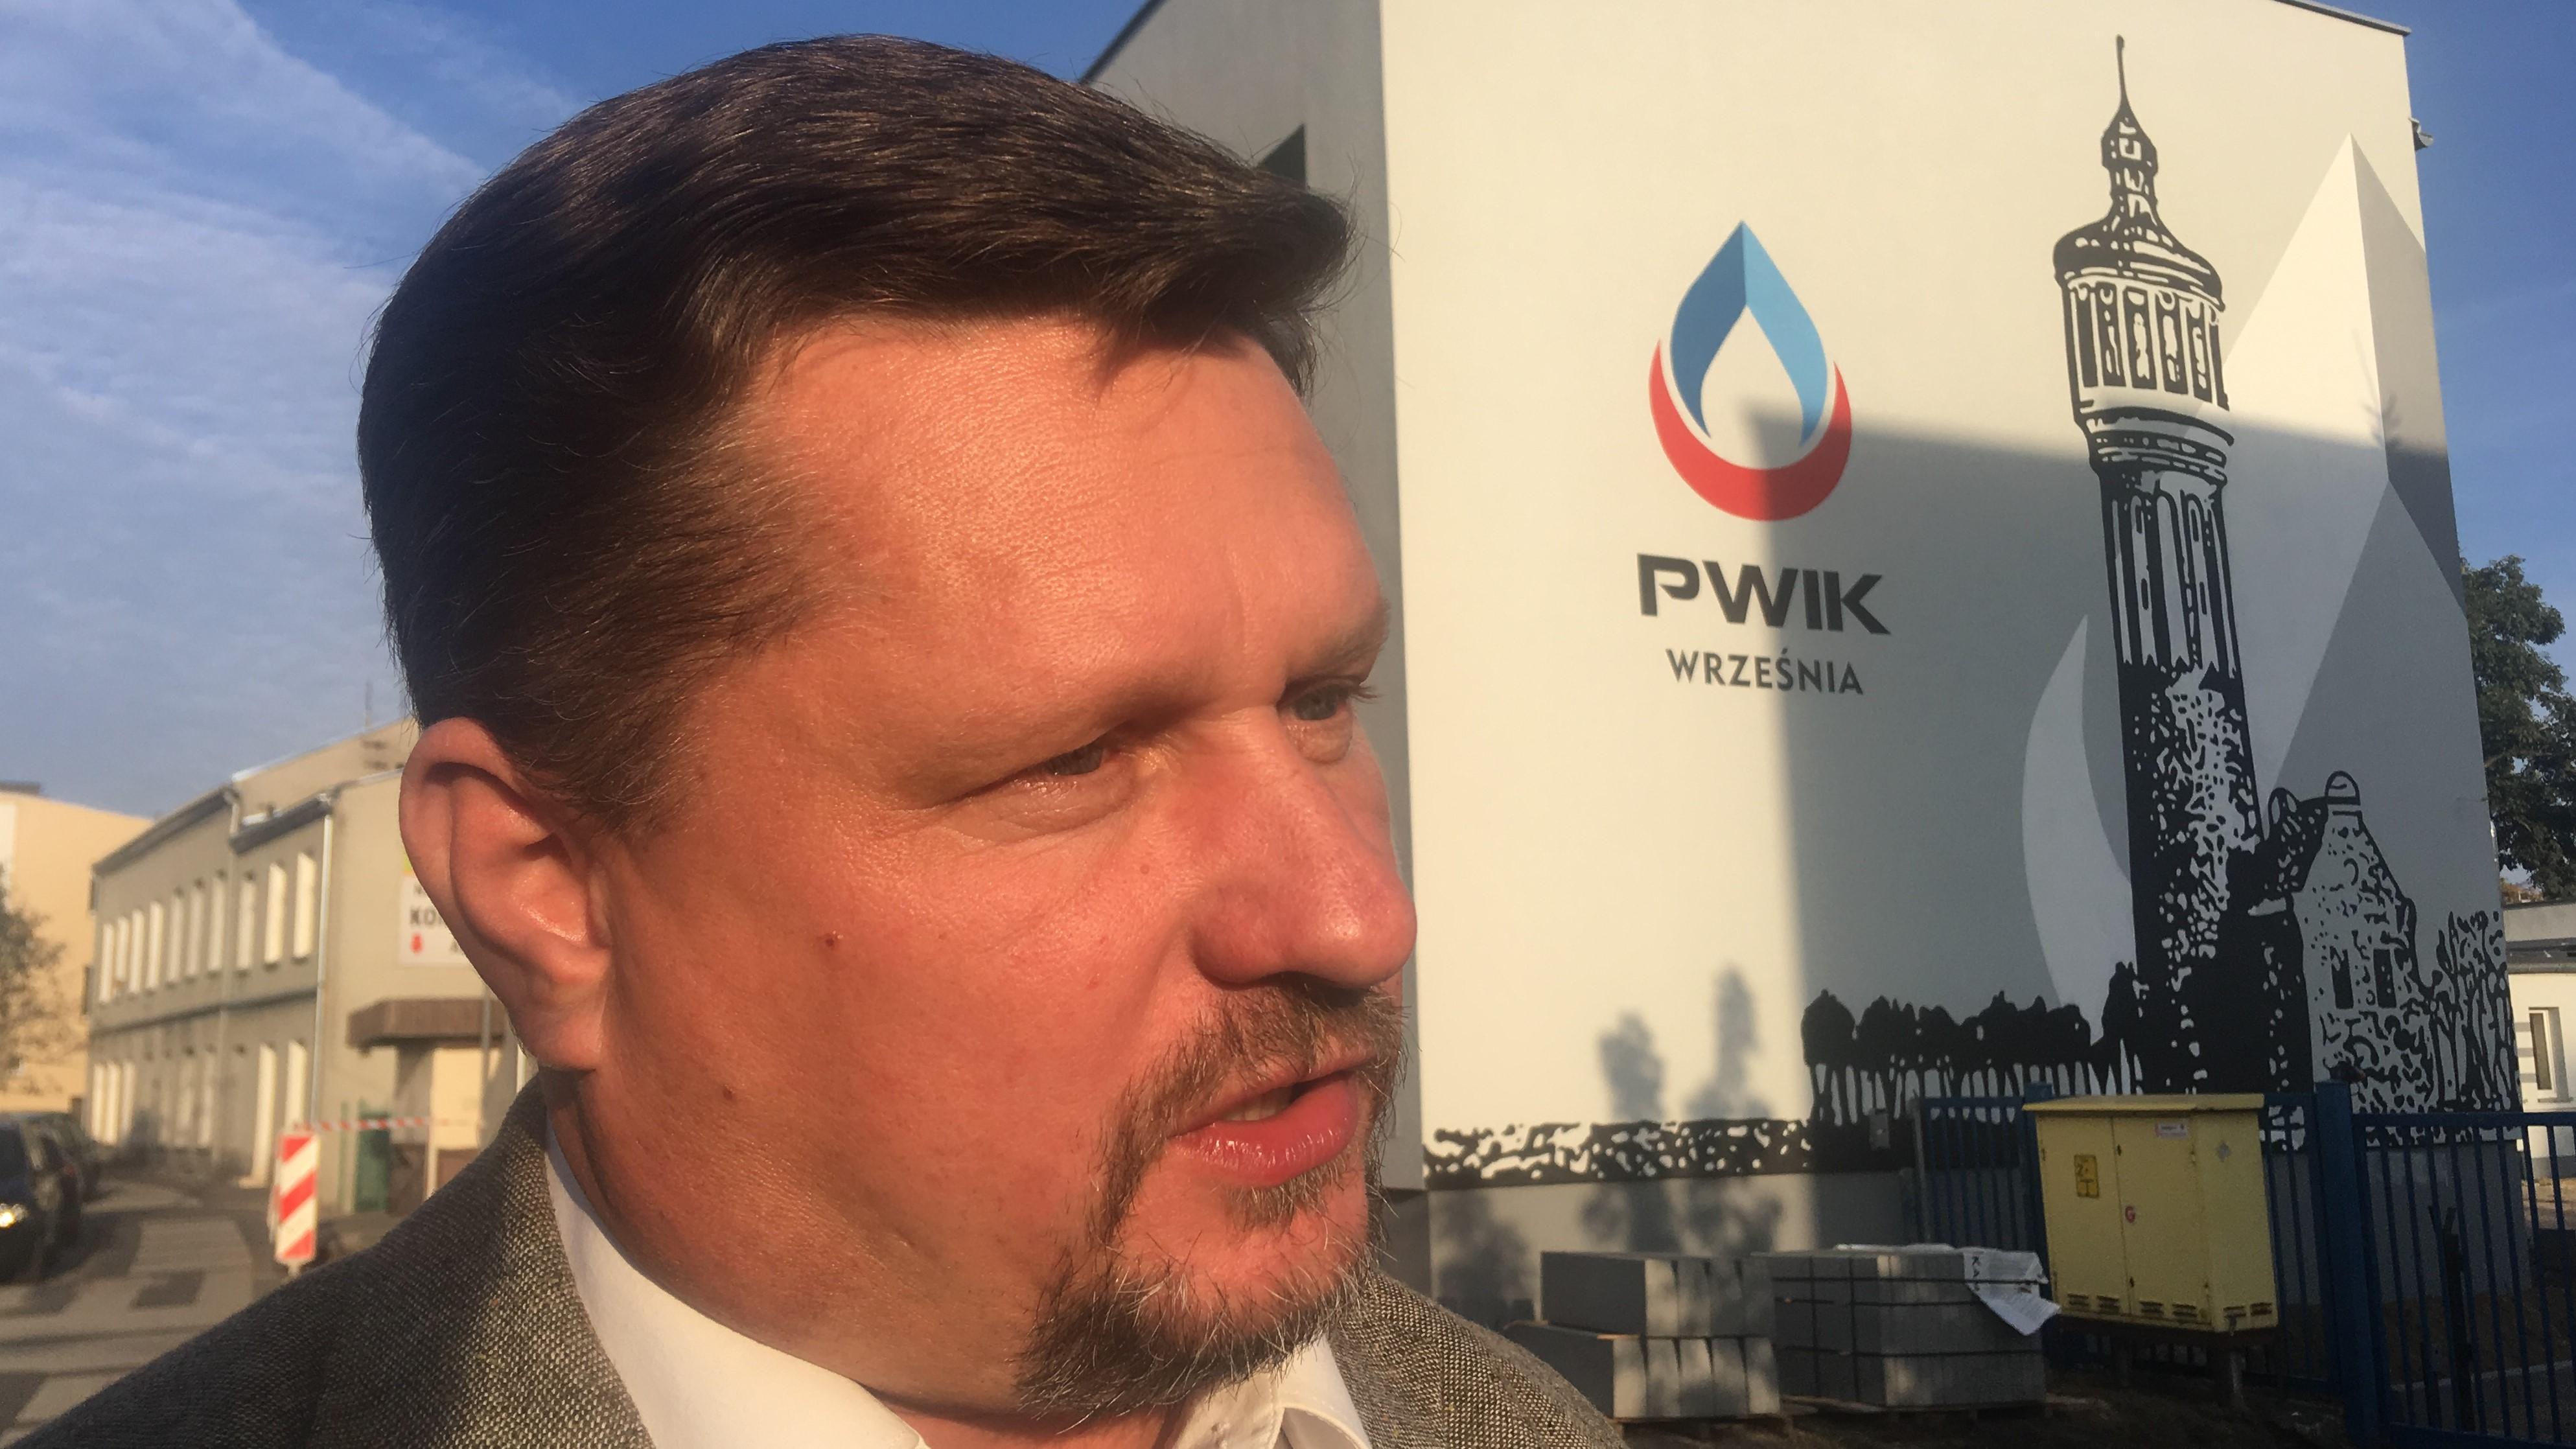 wodociag-wrzesnia - Rafał Regulski